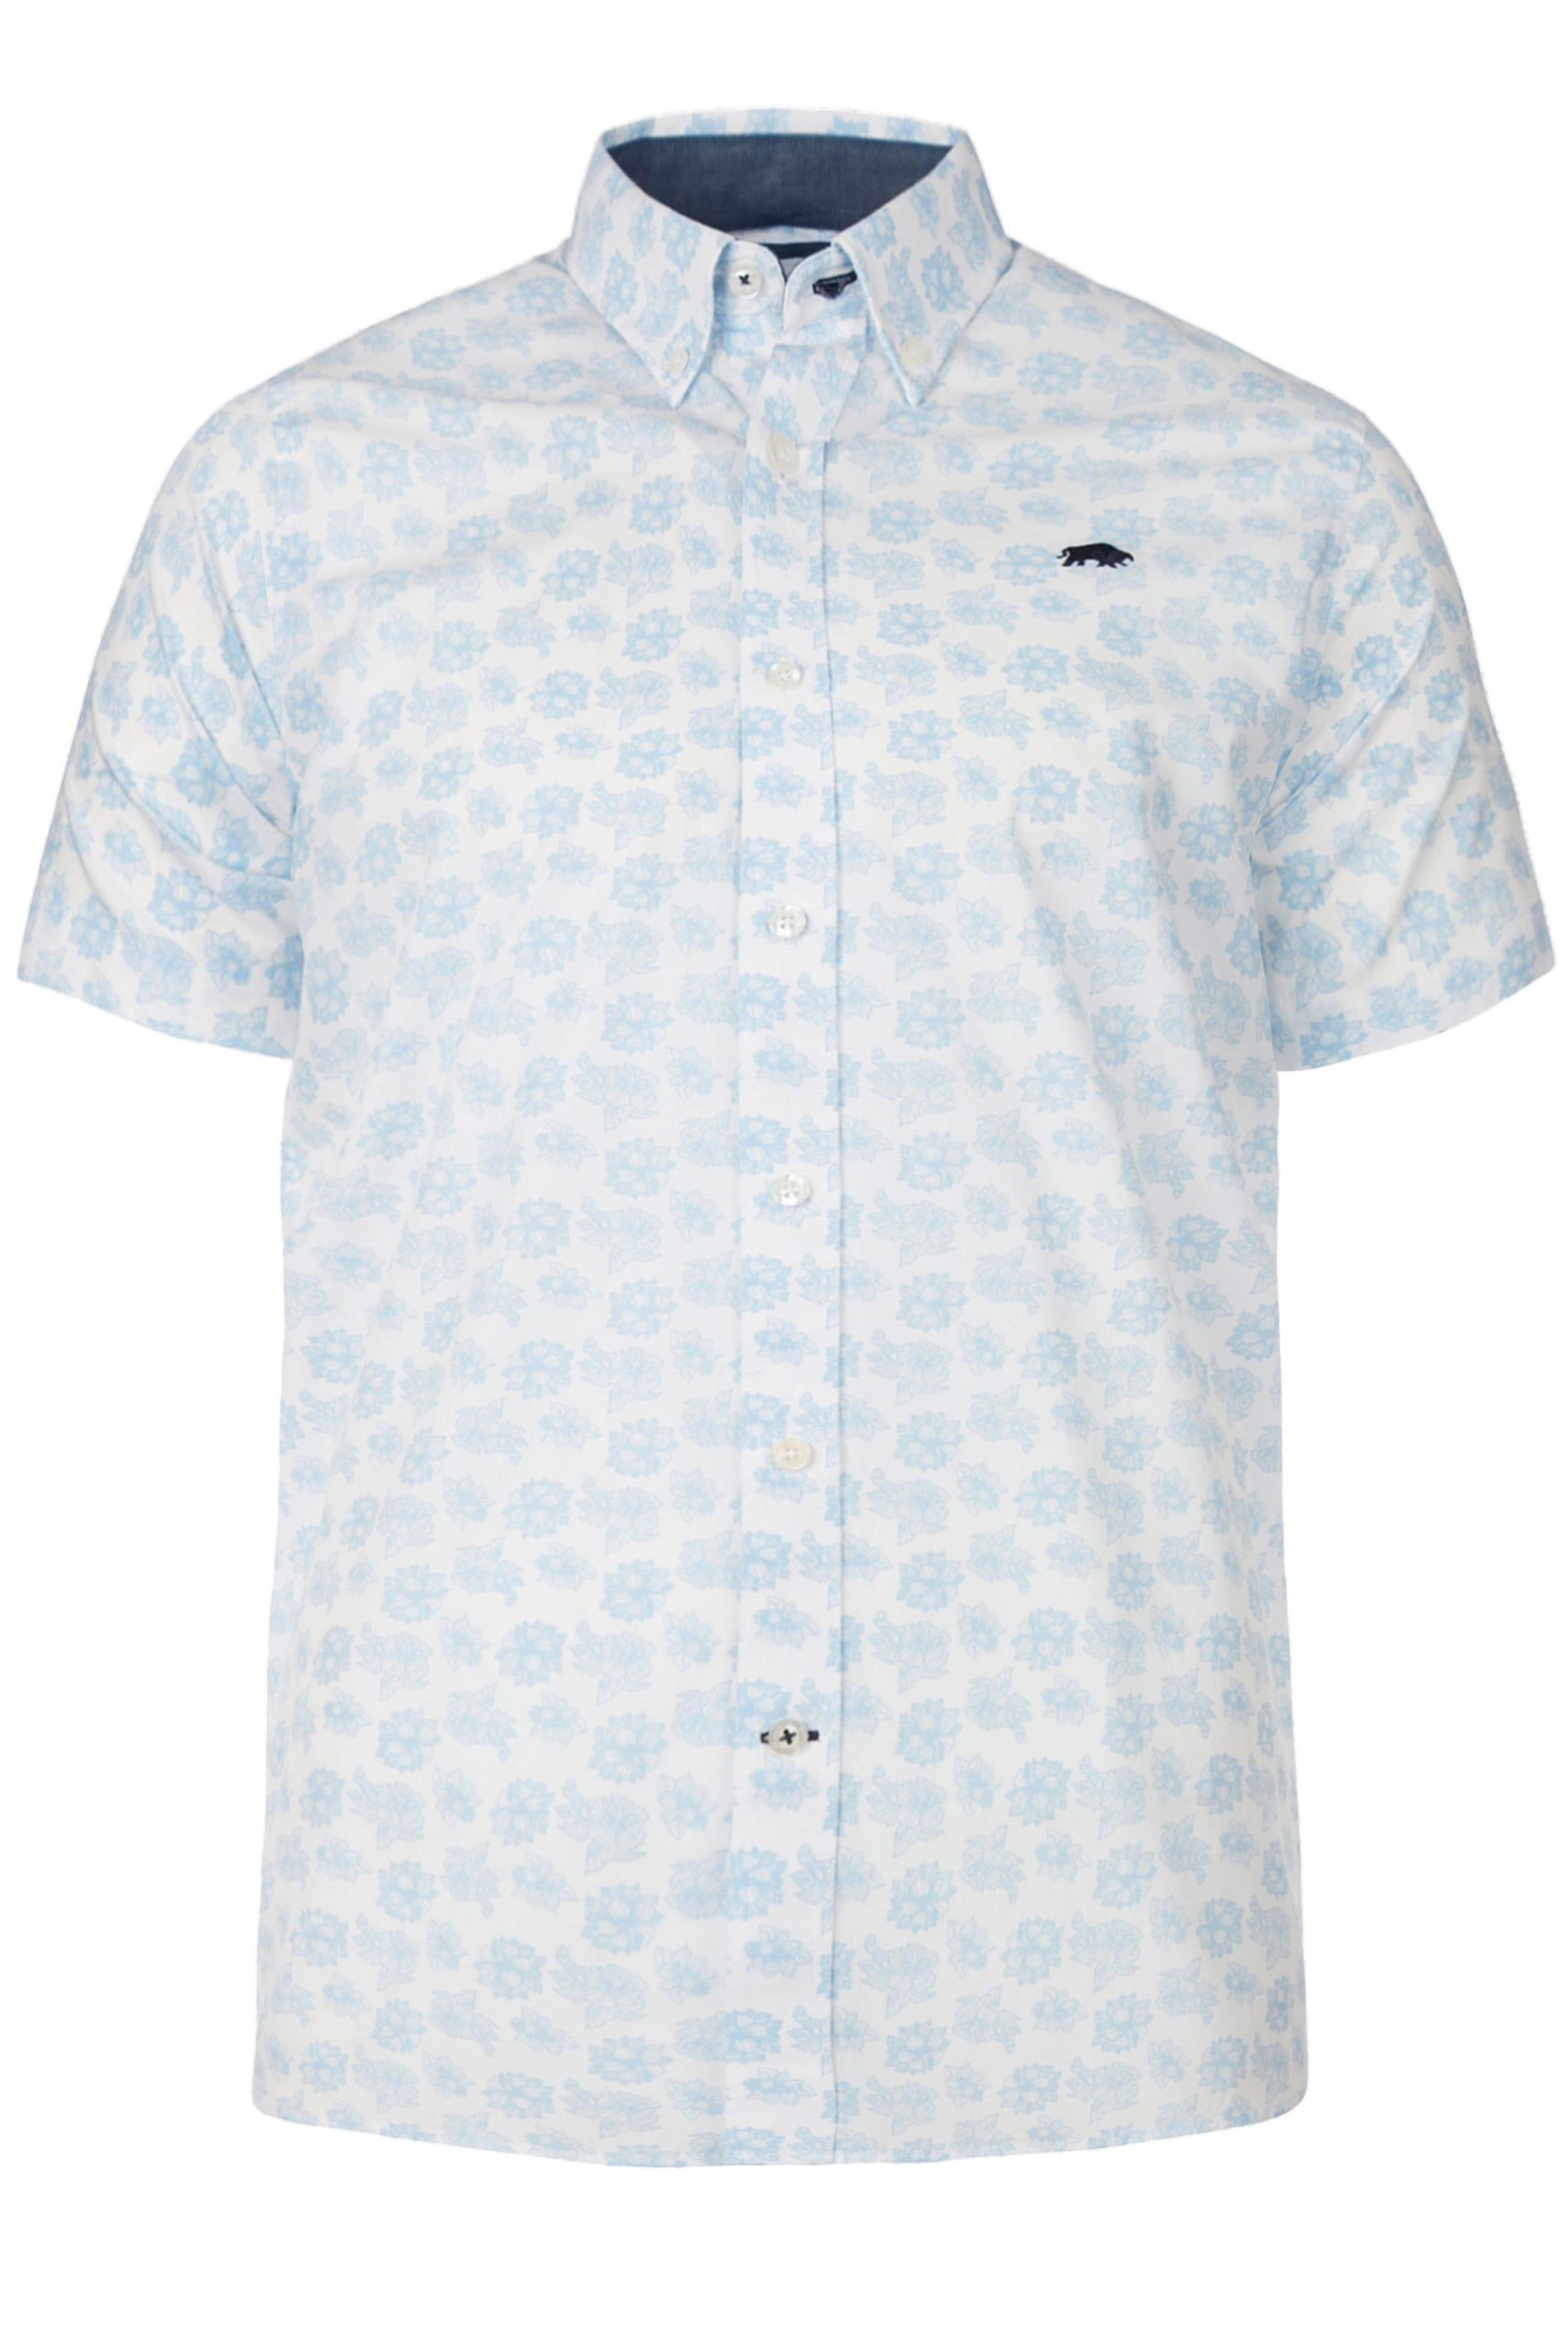 RAGING BULL White Floral Shirt